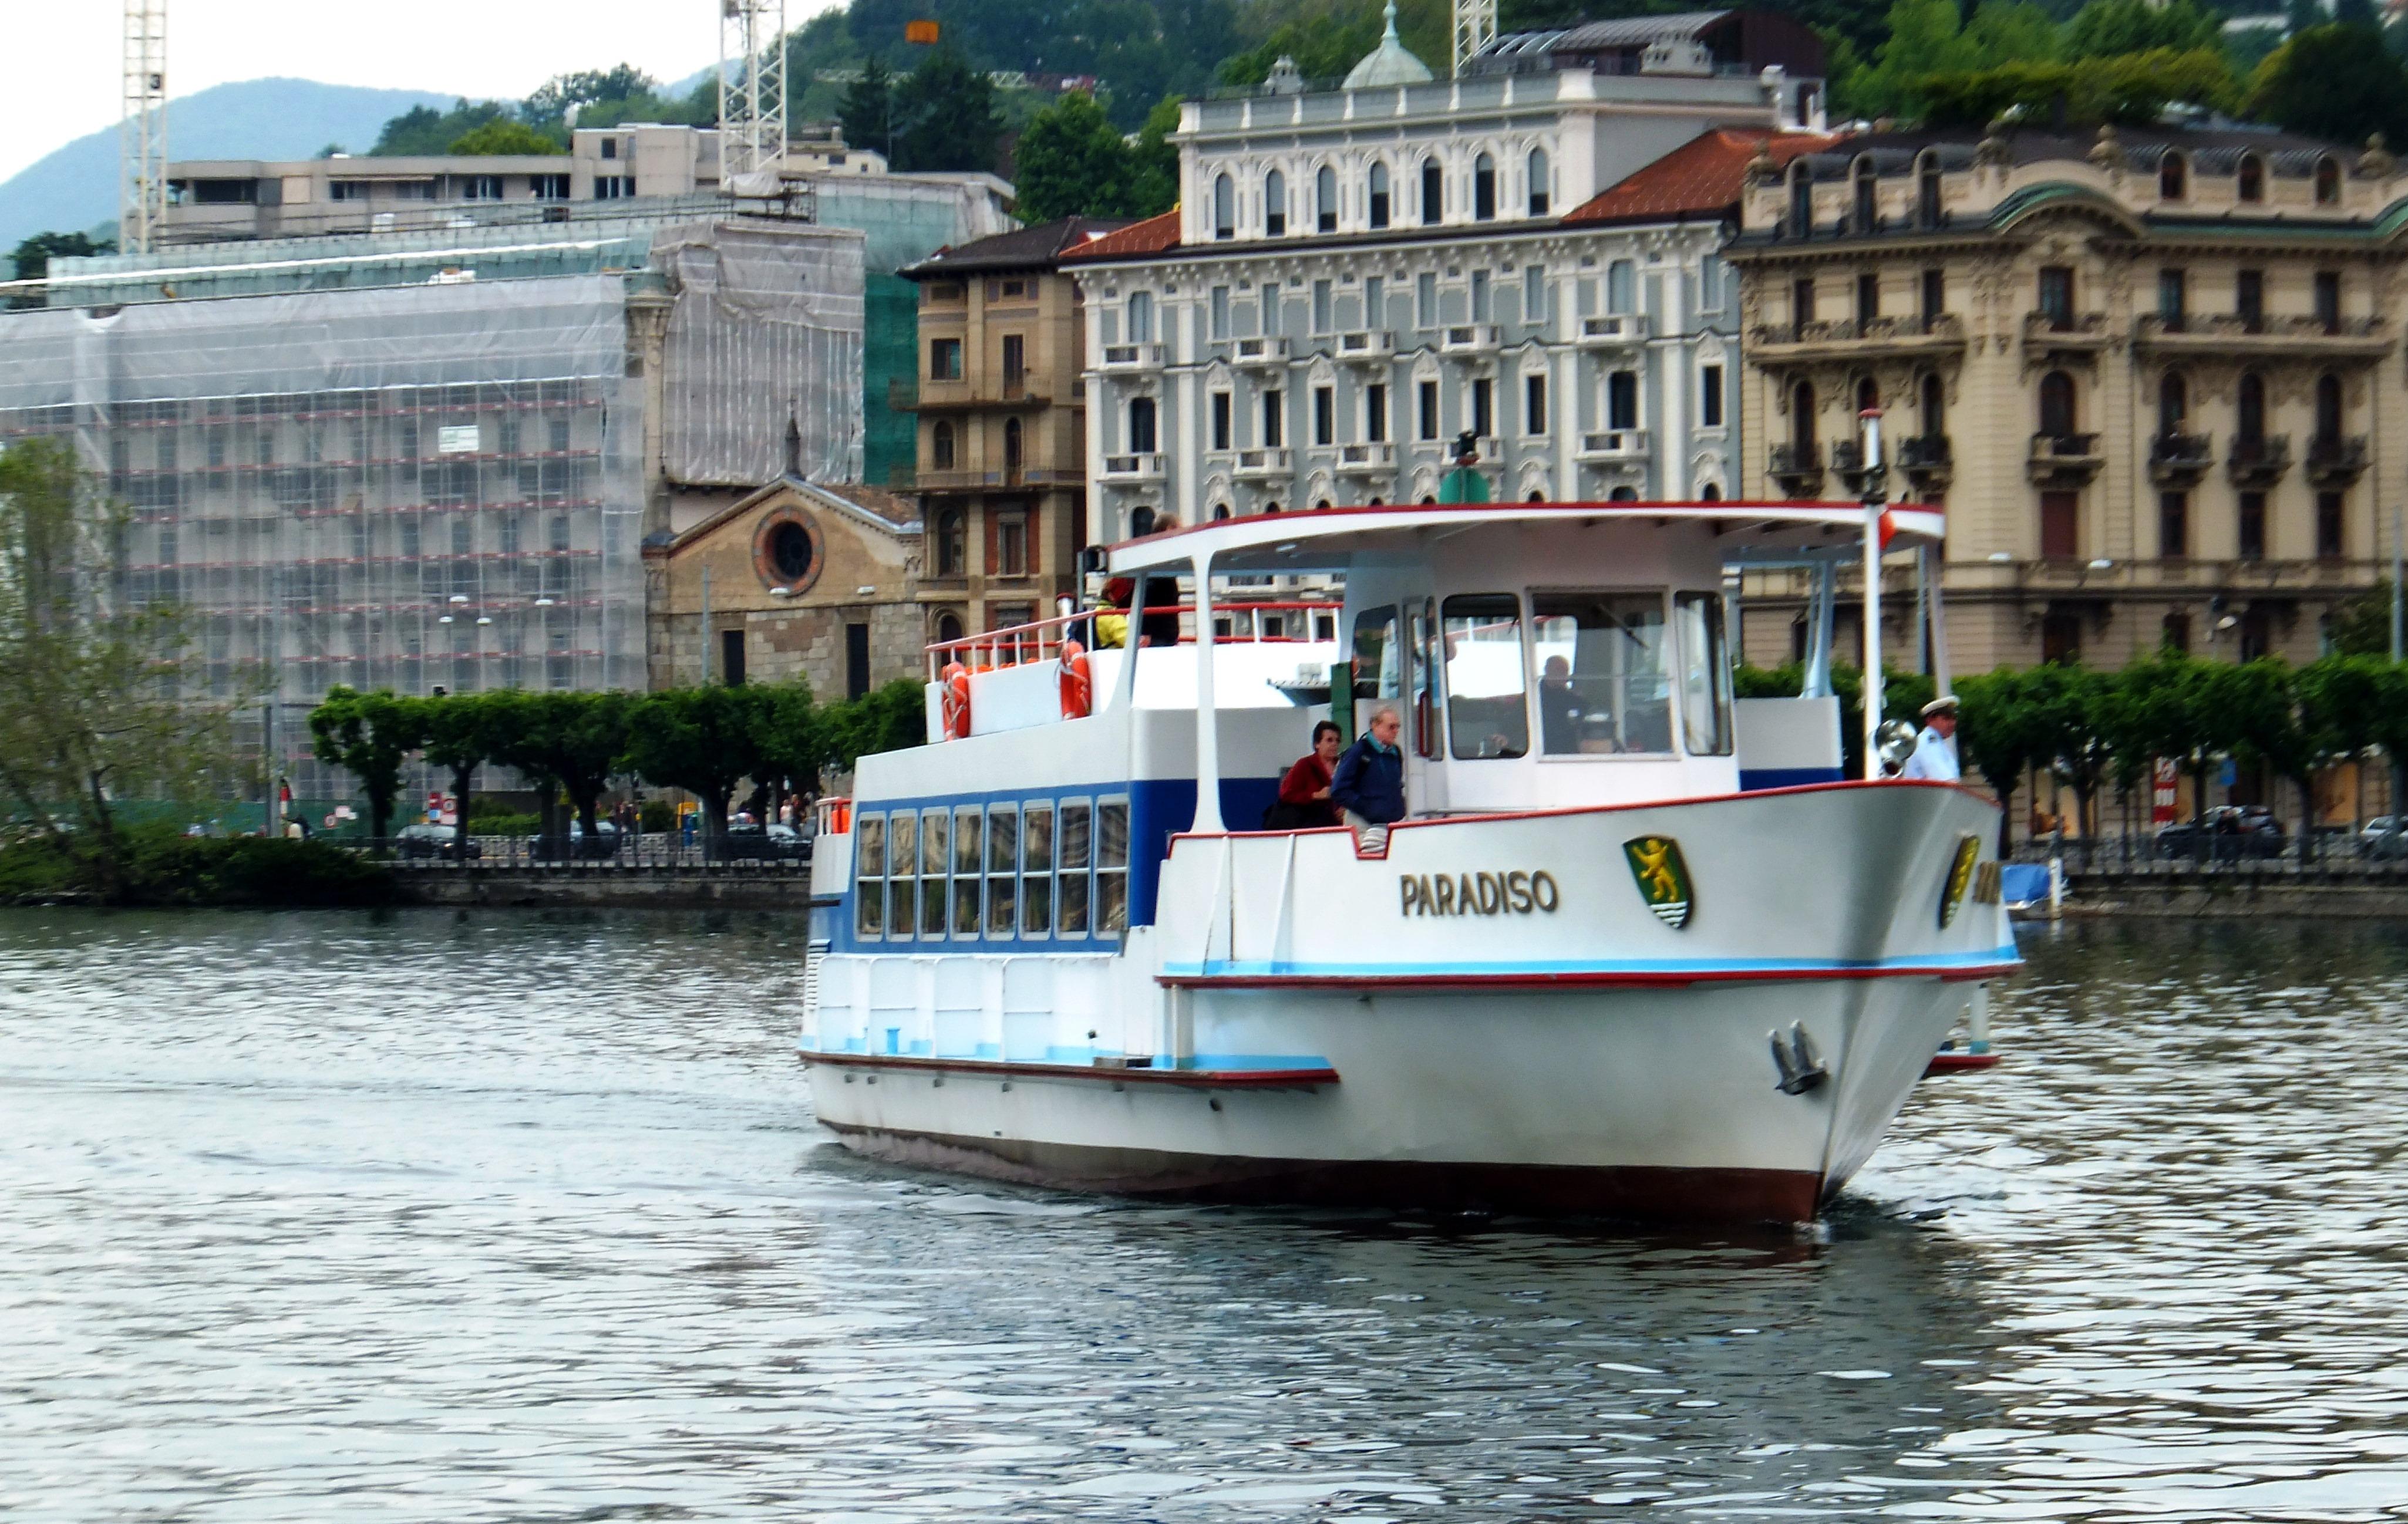 Švajcarska - Page 2 Dscf4484-boat-to-paradiso